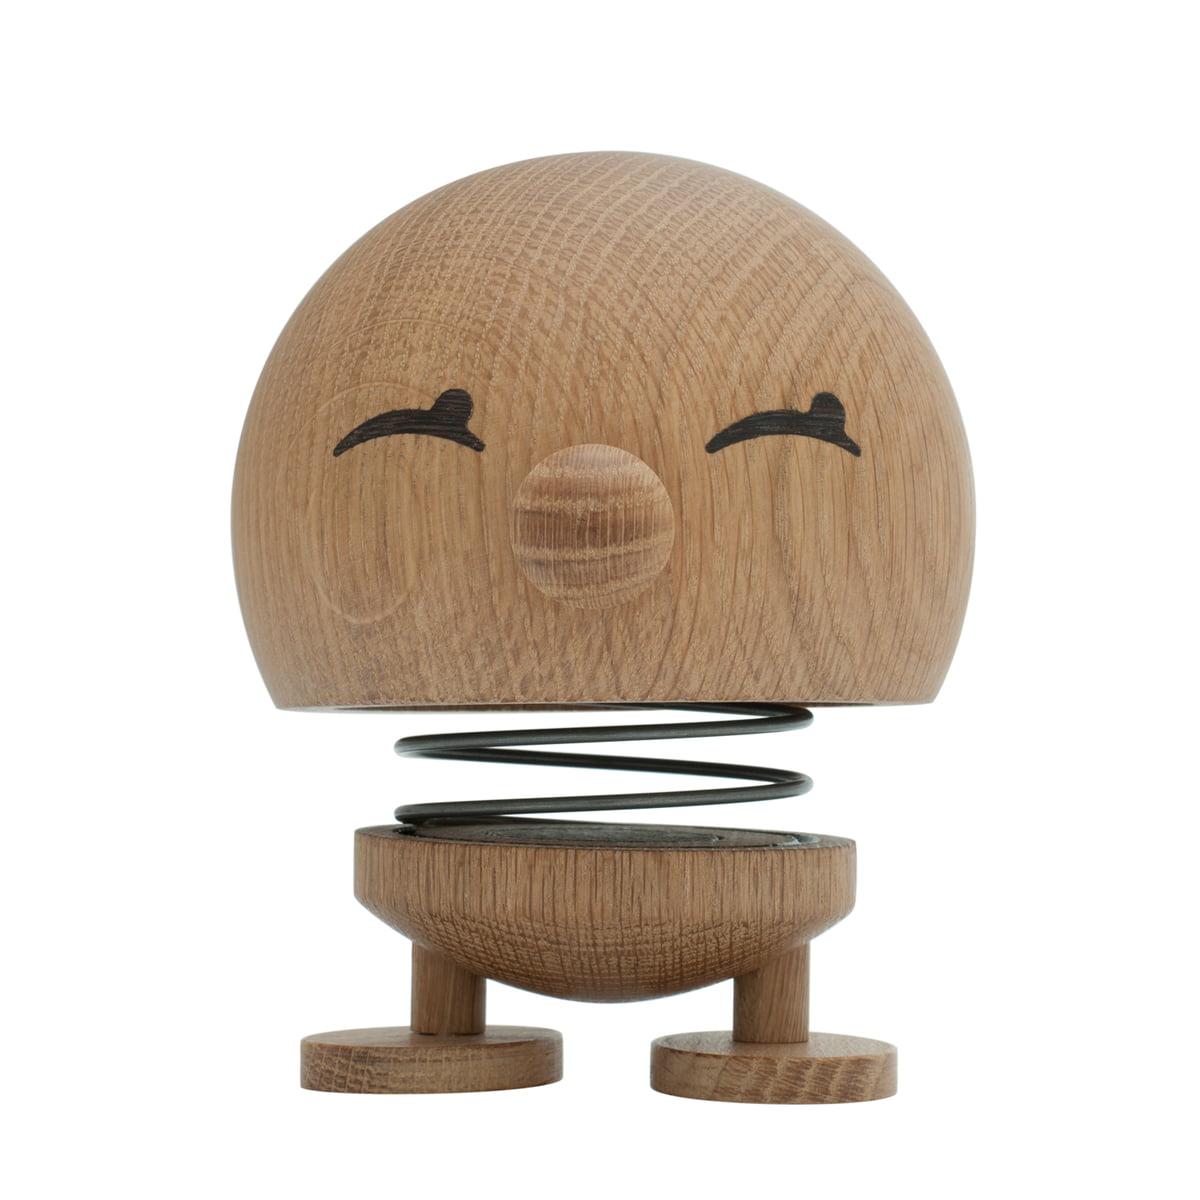 Connox Wohndesign: Woody Bimble Von Hoptimist Im Wohndesign-Shop